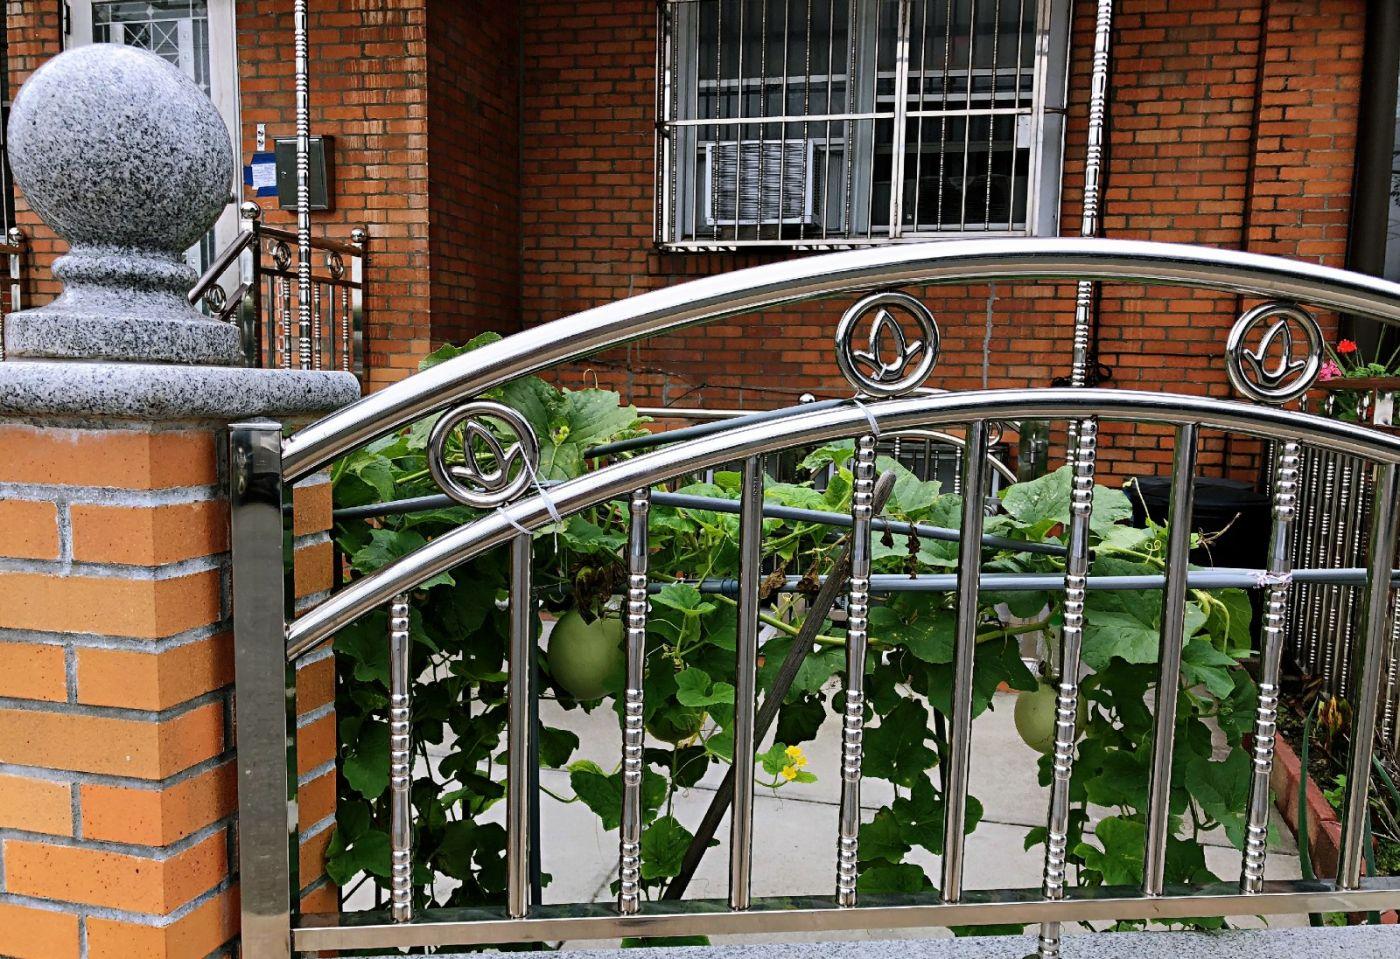 【田螺随拍】路边窗前的小菜园子_图1-10